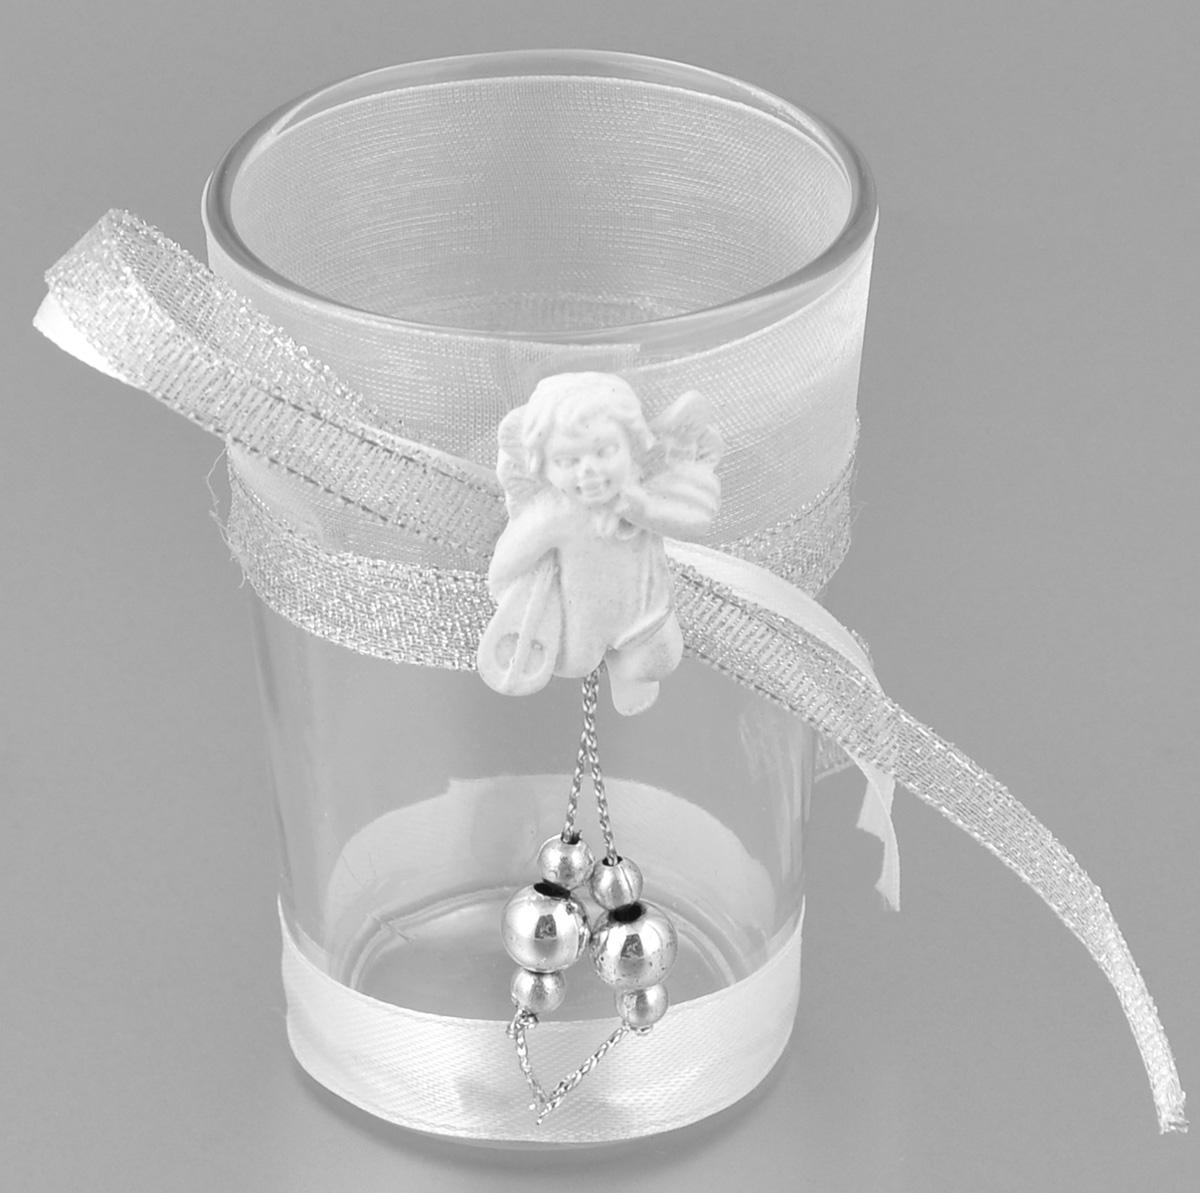 Подсвечник декоративный Феникс-презент Ангел с музыкальным инструментом, высота 8,5 см1056100Декоративный подсвечник Феникс-презент Ангел с музыкальным инструментом, изготовленный из прочного стекла, декорирован фигуркой ангела и ленточкой. Такой подсвечник станет отличным выбором для тех, кто хочет сделать запоминающийся подарок родным и близким. Кроме того, он может хорошо вписаться в интерьер вашего дома или дачи.